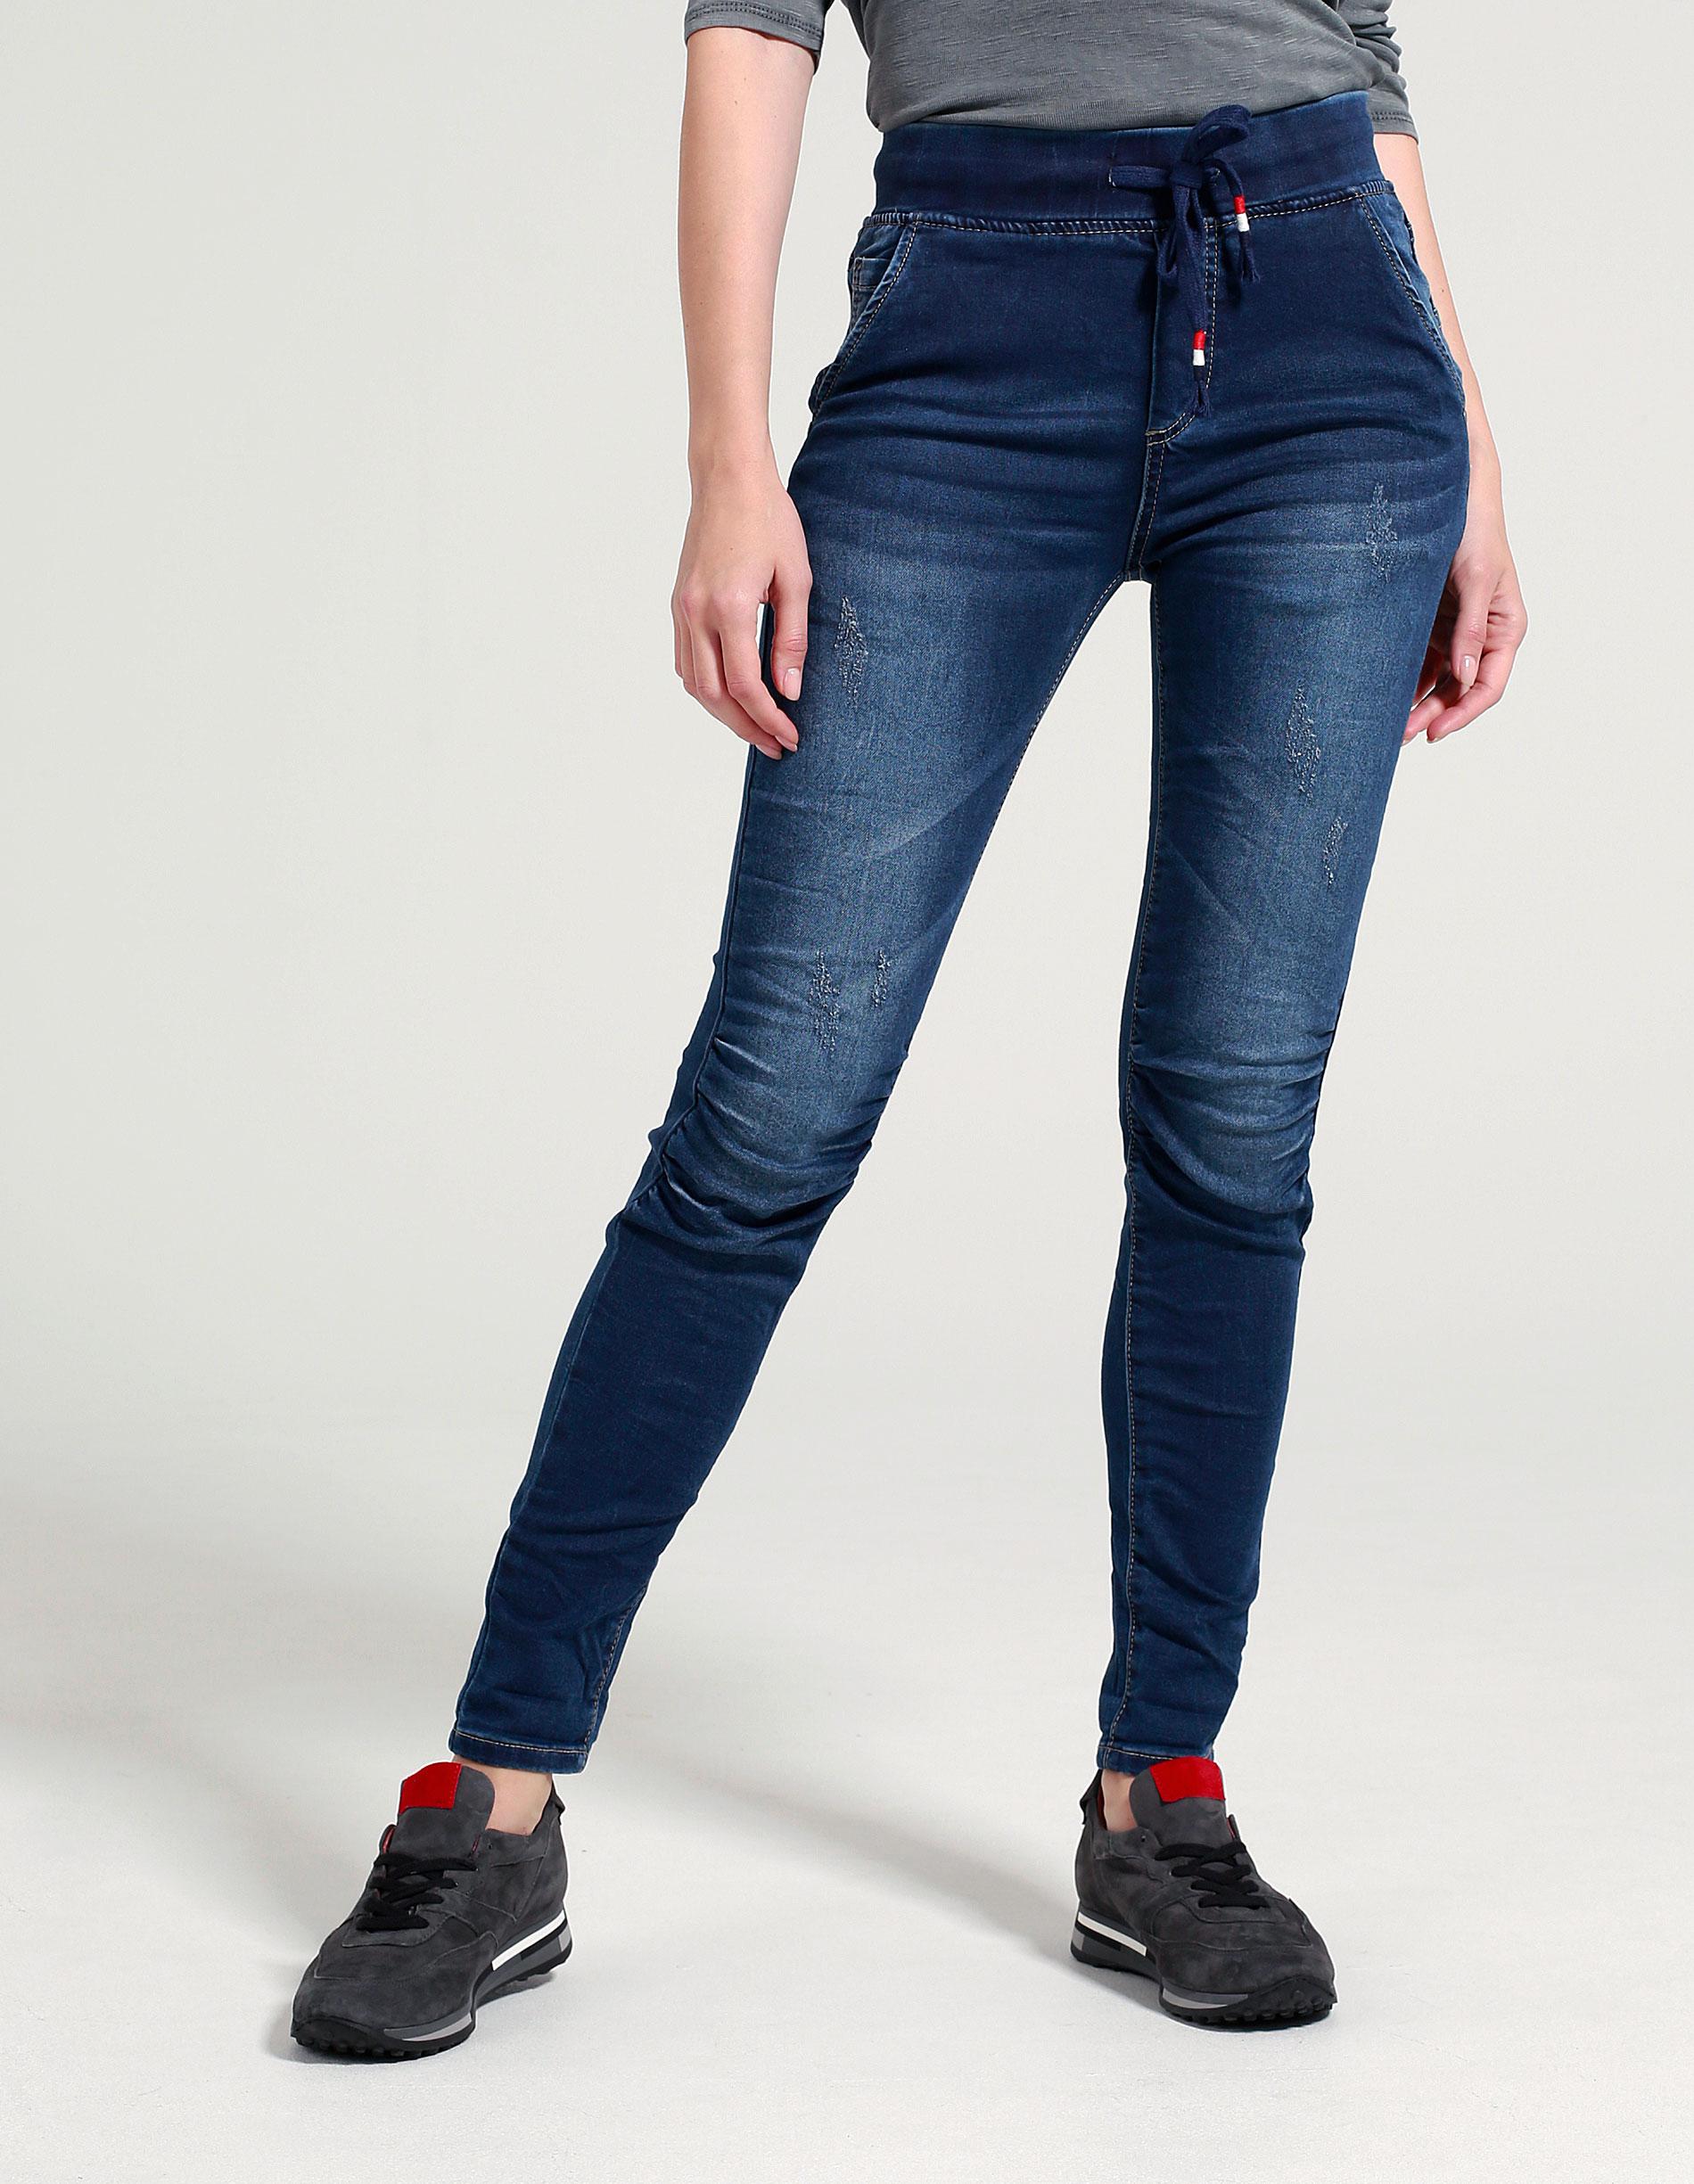 Spodnie - 42-6607 JEANS - Unisono